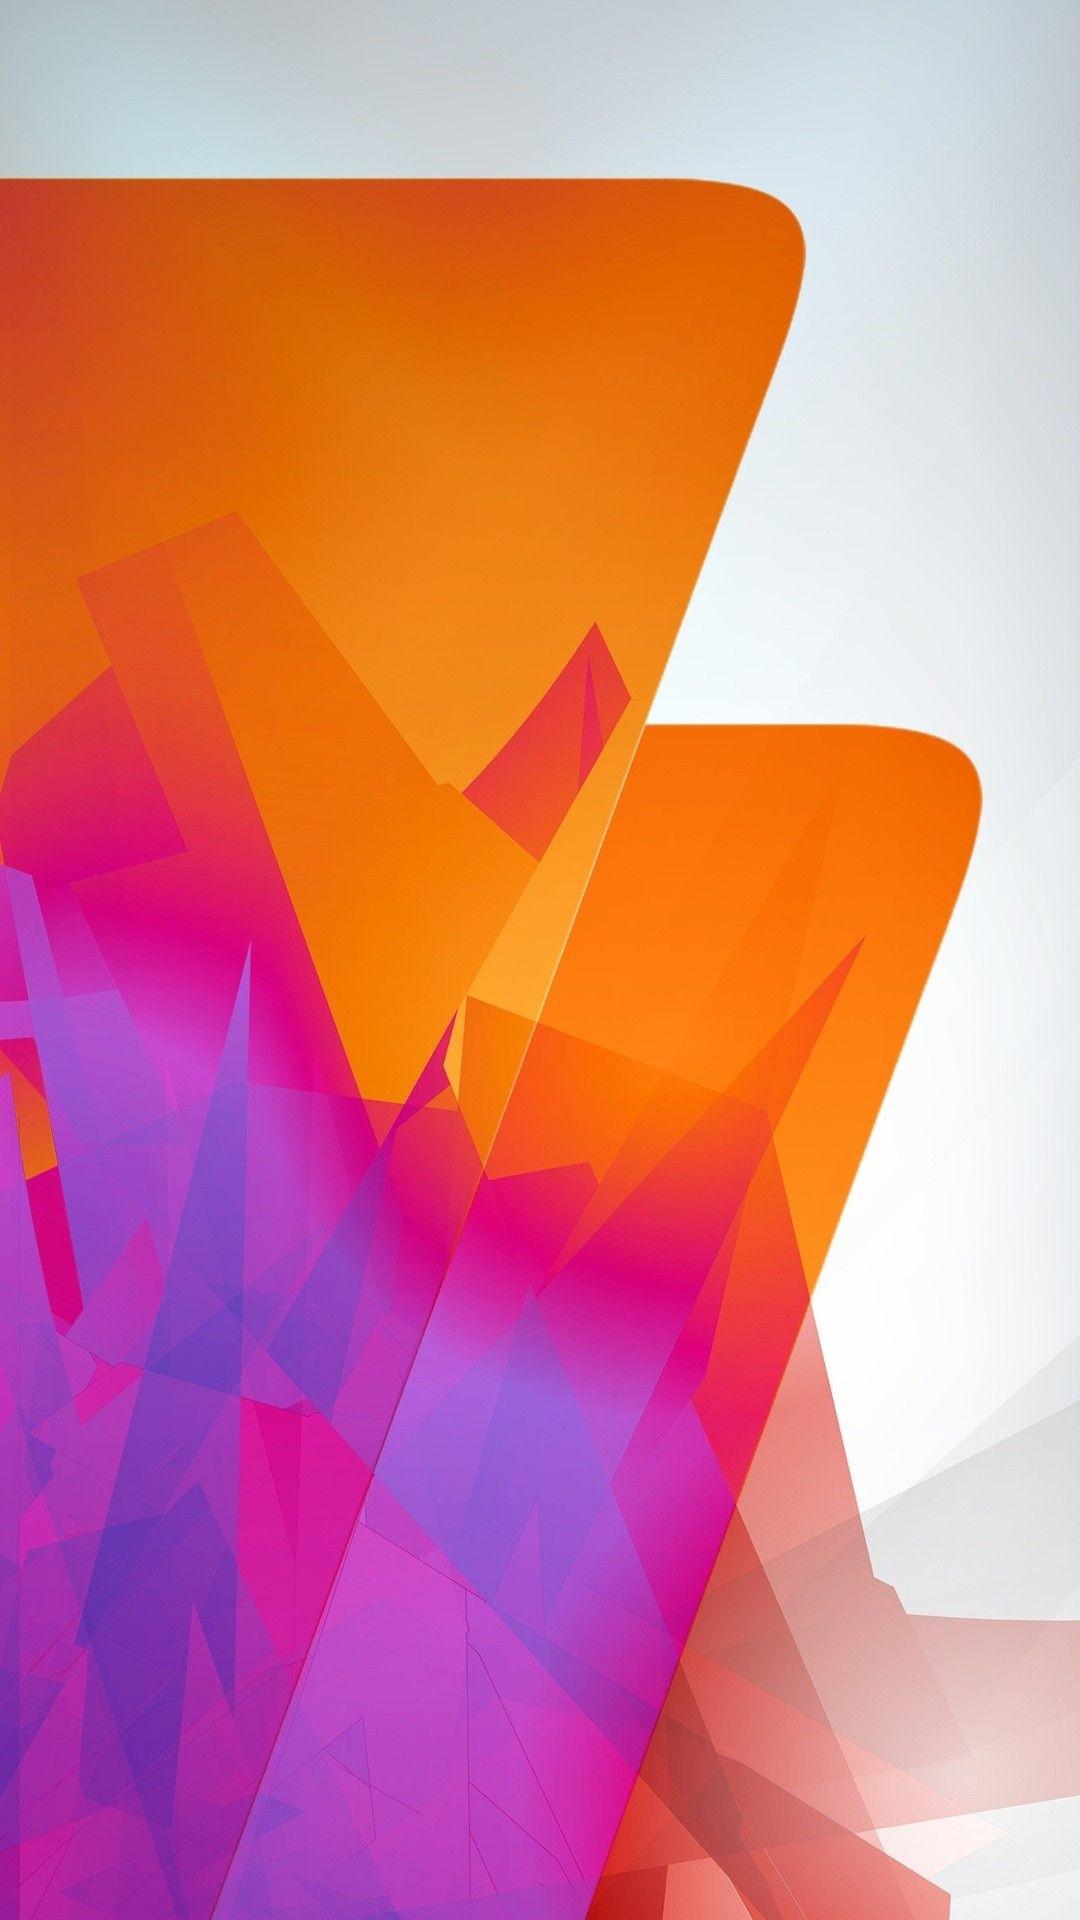 Designer iphone 8 plus wallpaper